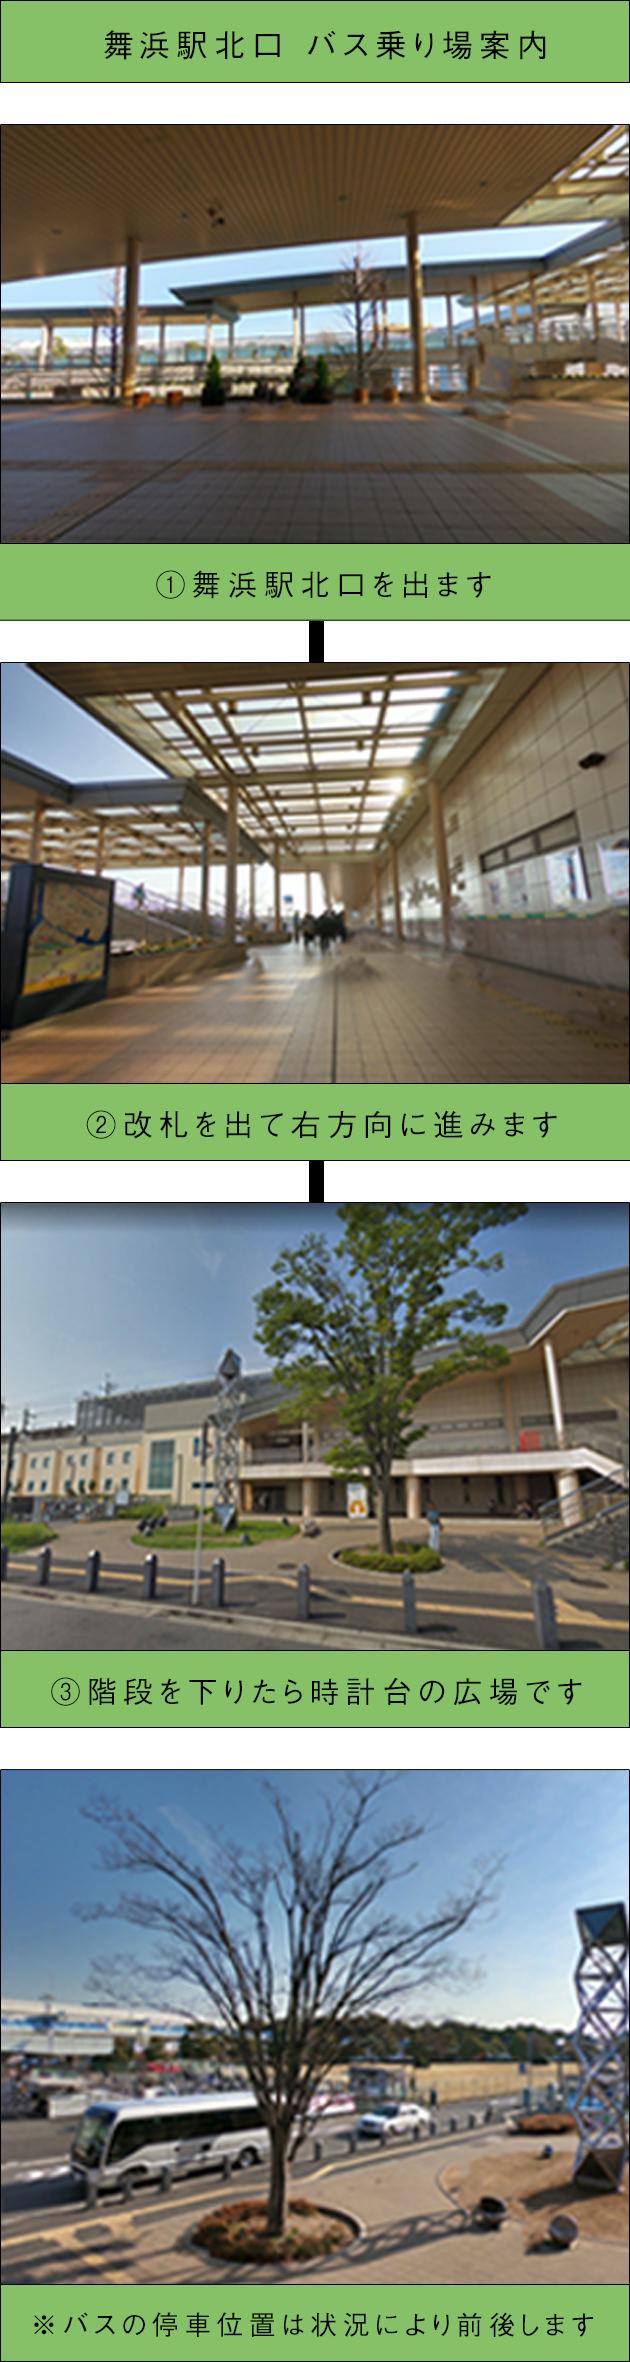 舞浜駅北口 バス乗り場案内